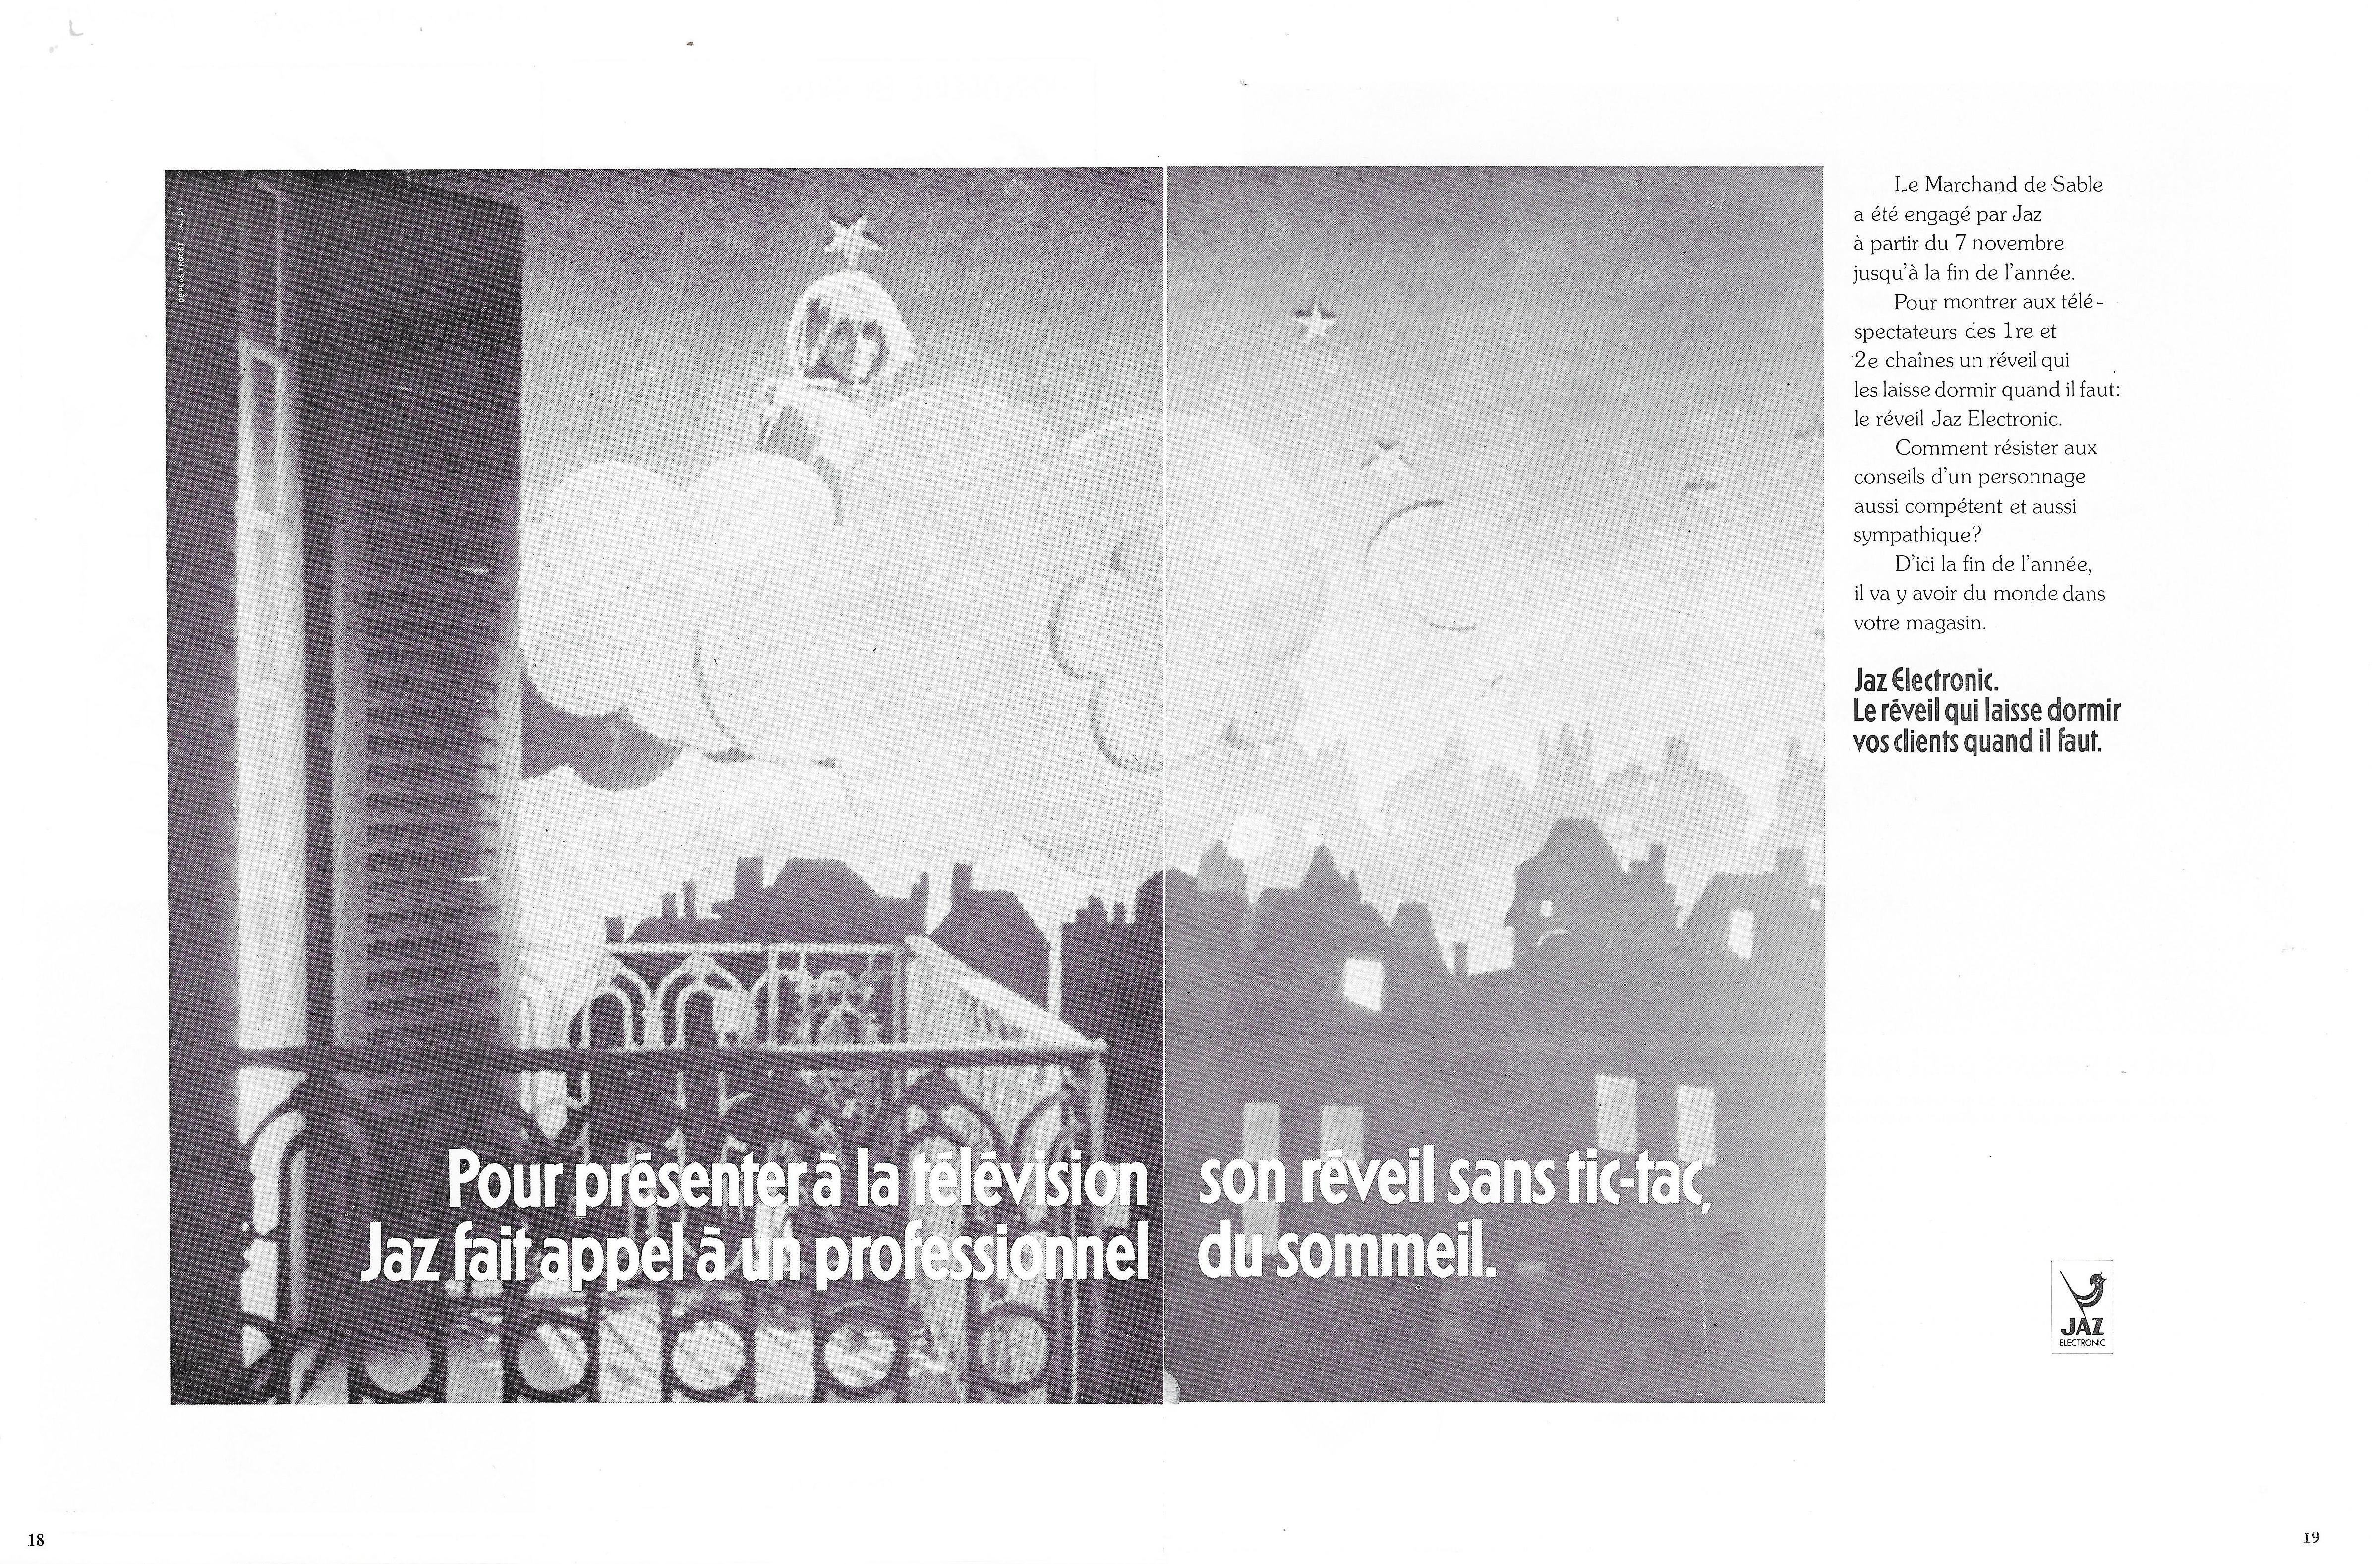 1973 La France Horlogère n°337 novembre 1973 page 18 et 19